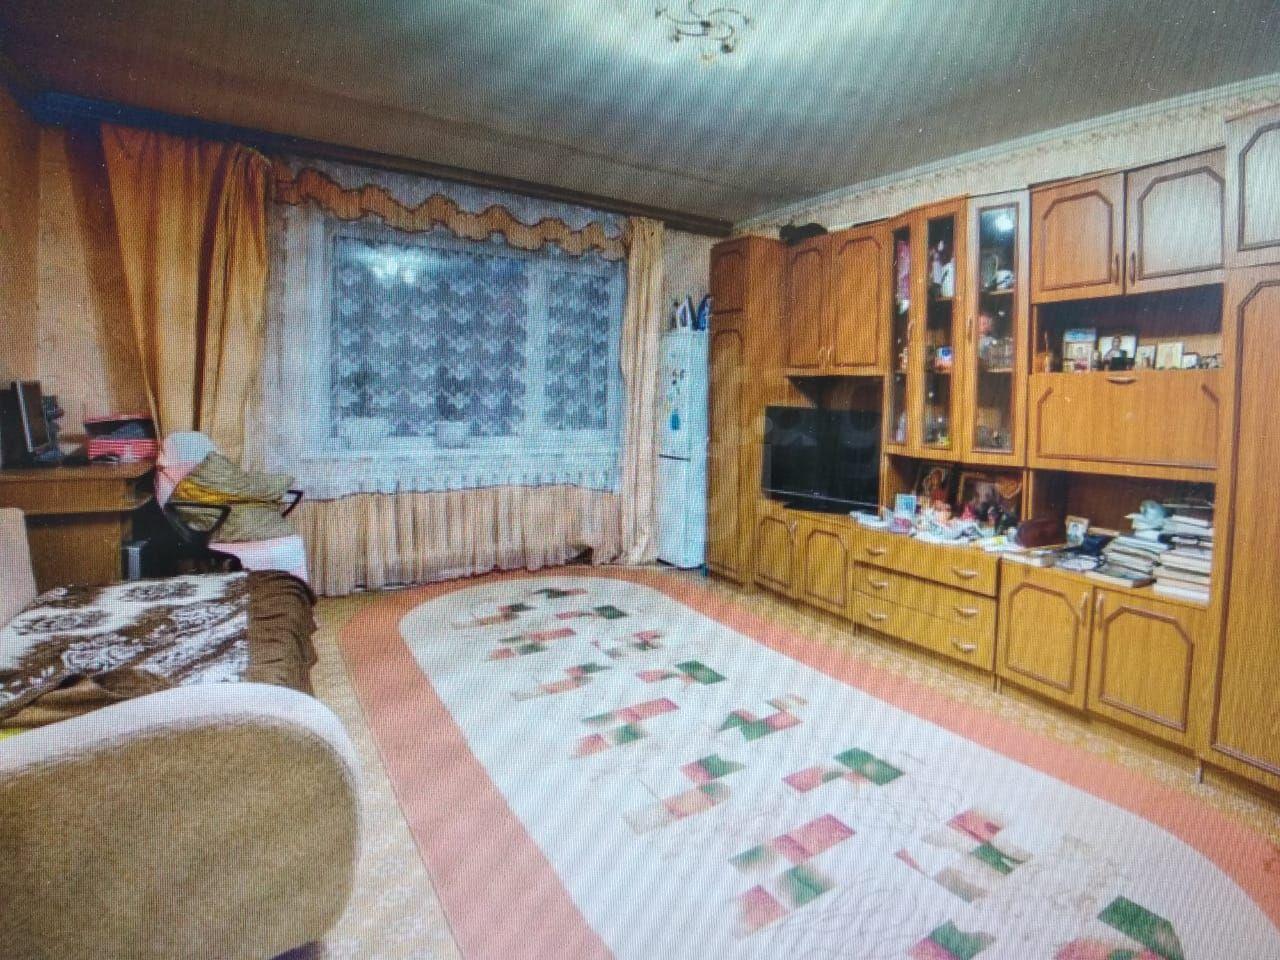 Продается трехкомнатная квартира за 3 900 000 рублей. Микрорайон, ул. Студенческая, д. 34 к3 (1.9 км до центра).